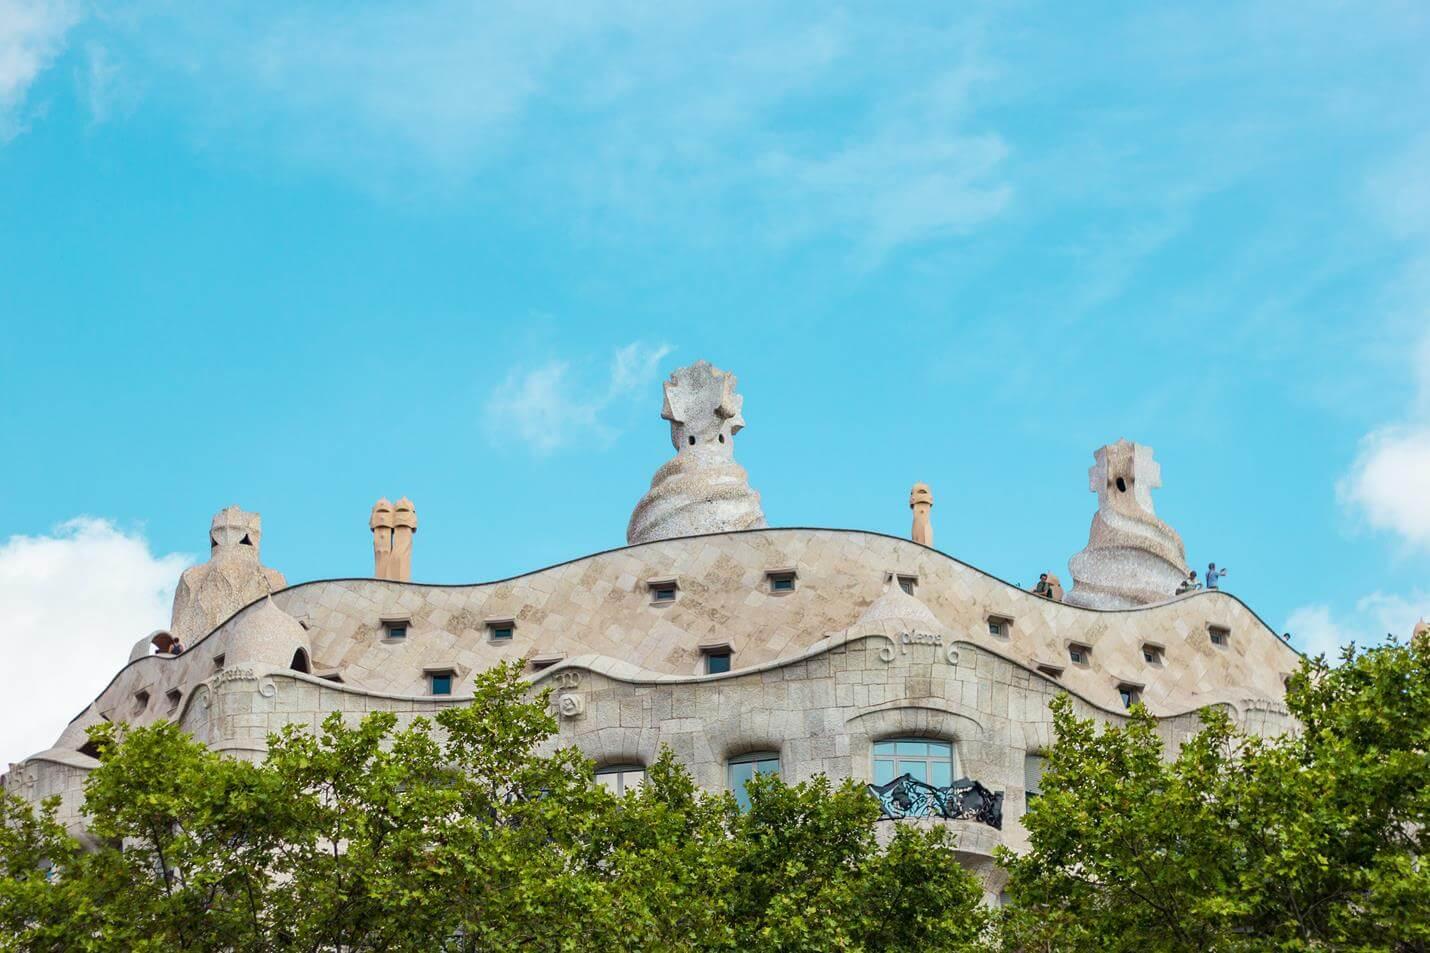 Casa Milà in Barcelona - Top